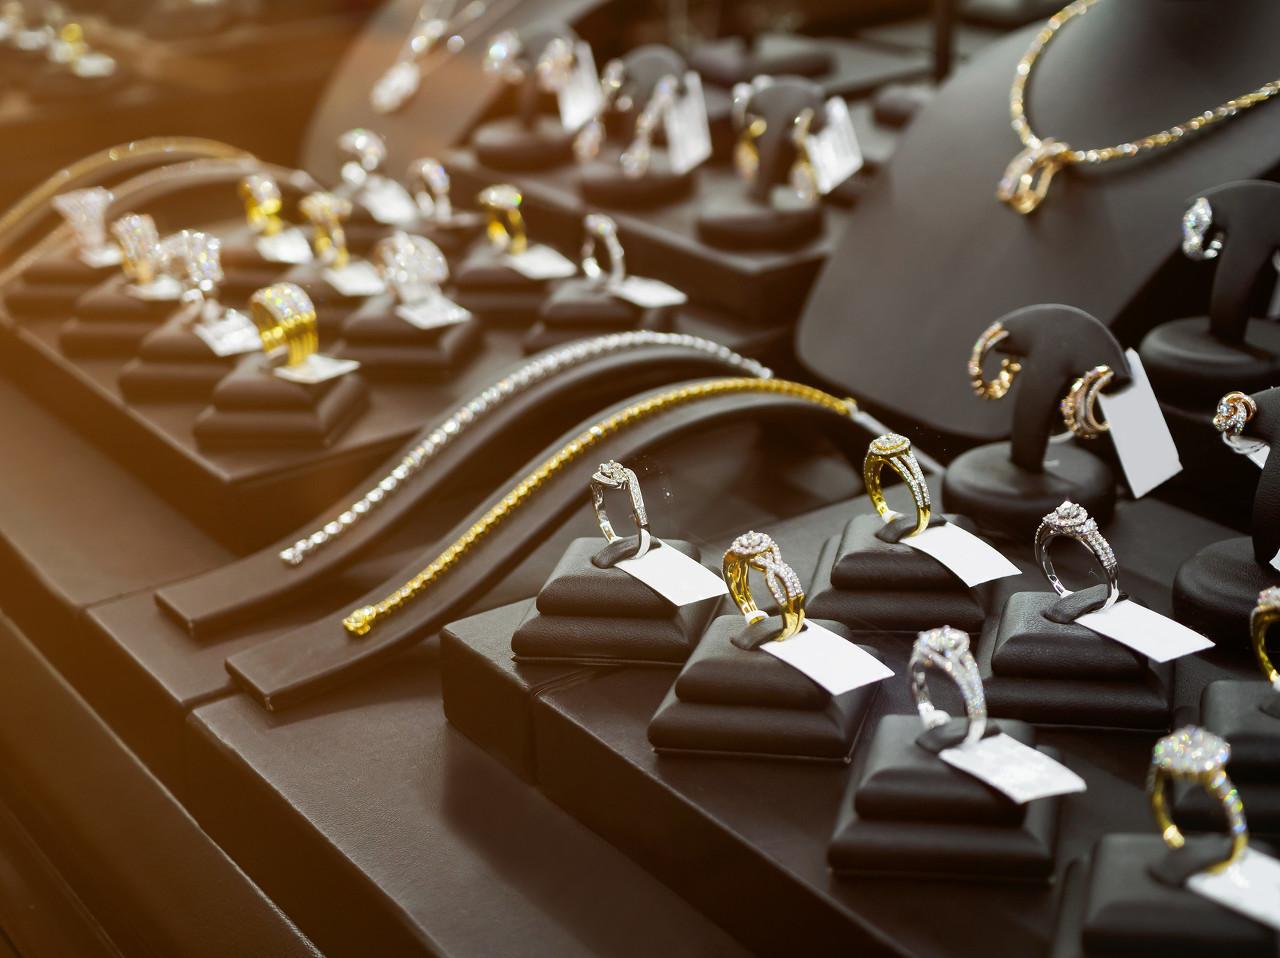 国际珠宝动态:Tiffany助力LVMH珠宝销售提振 Signet第一季度营收接近翻倍